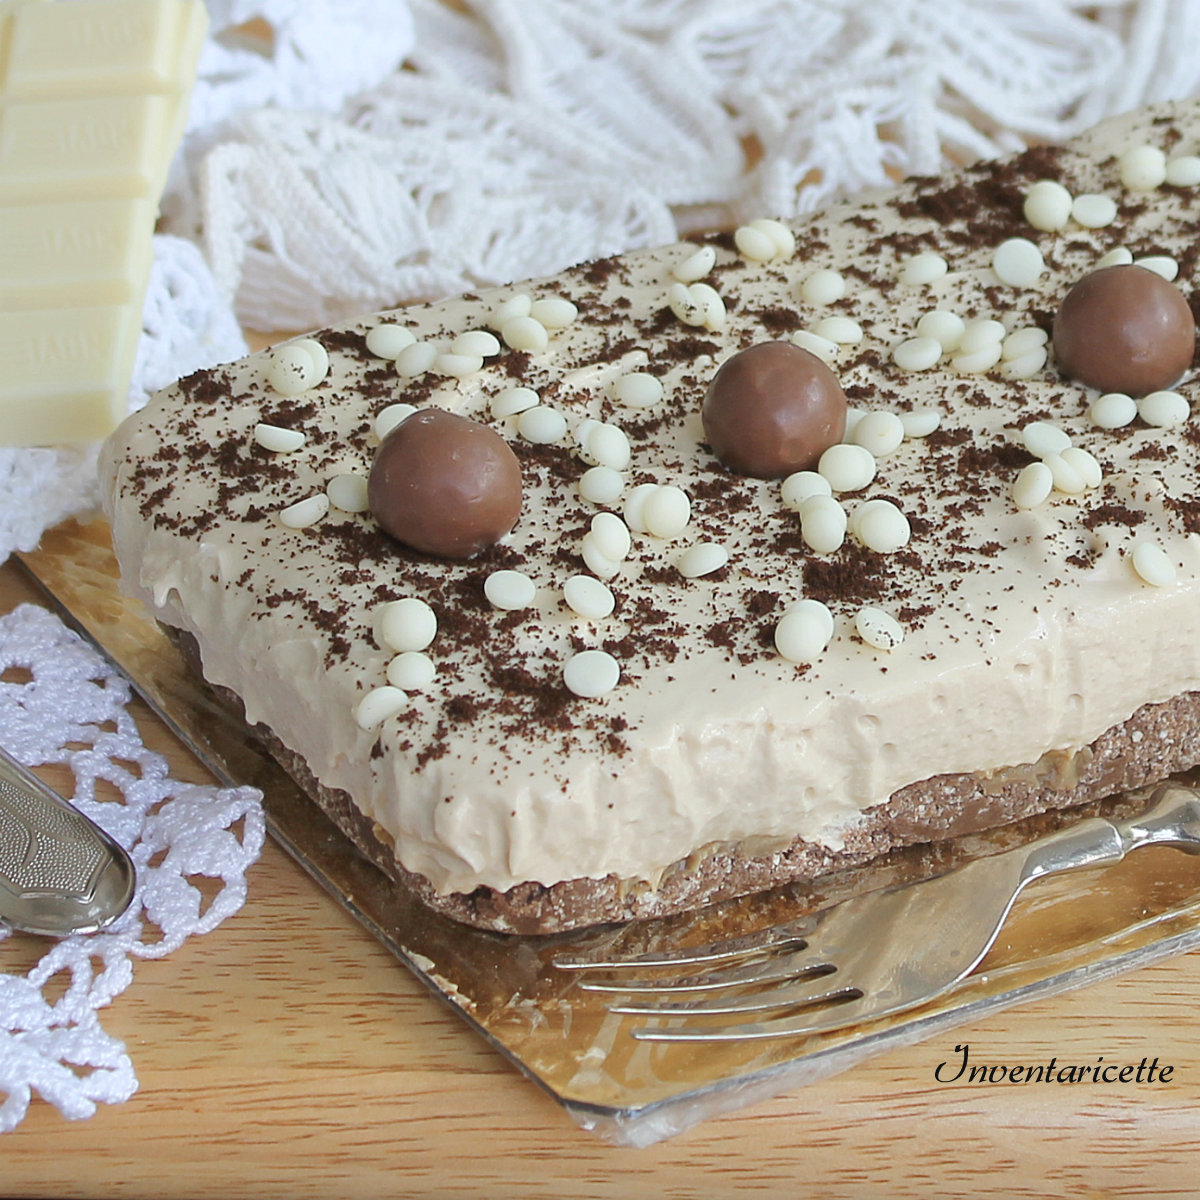 Torta fredda al cioccolato bianco e caff senza cottura - Meglio luce calda o fredda in cucina ...